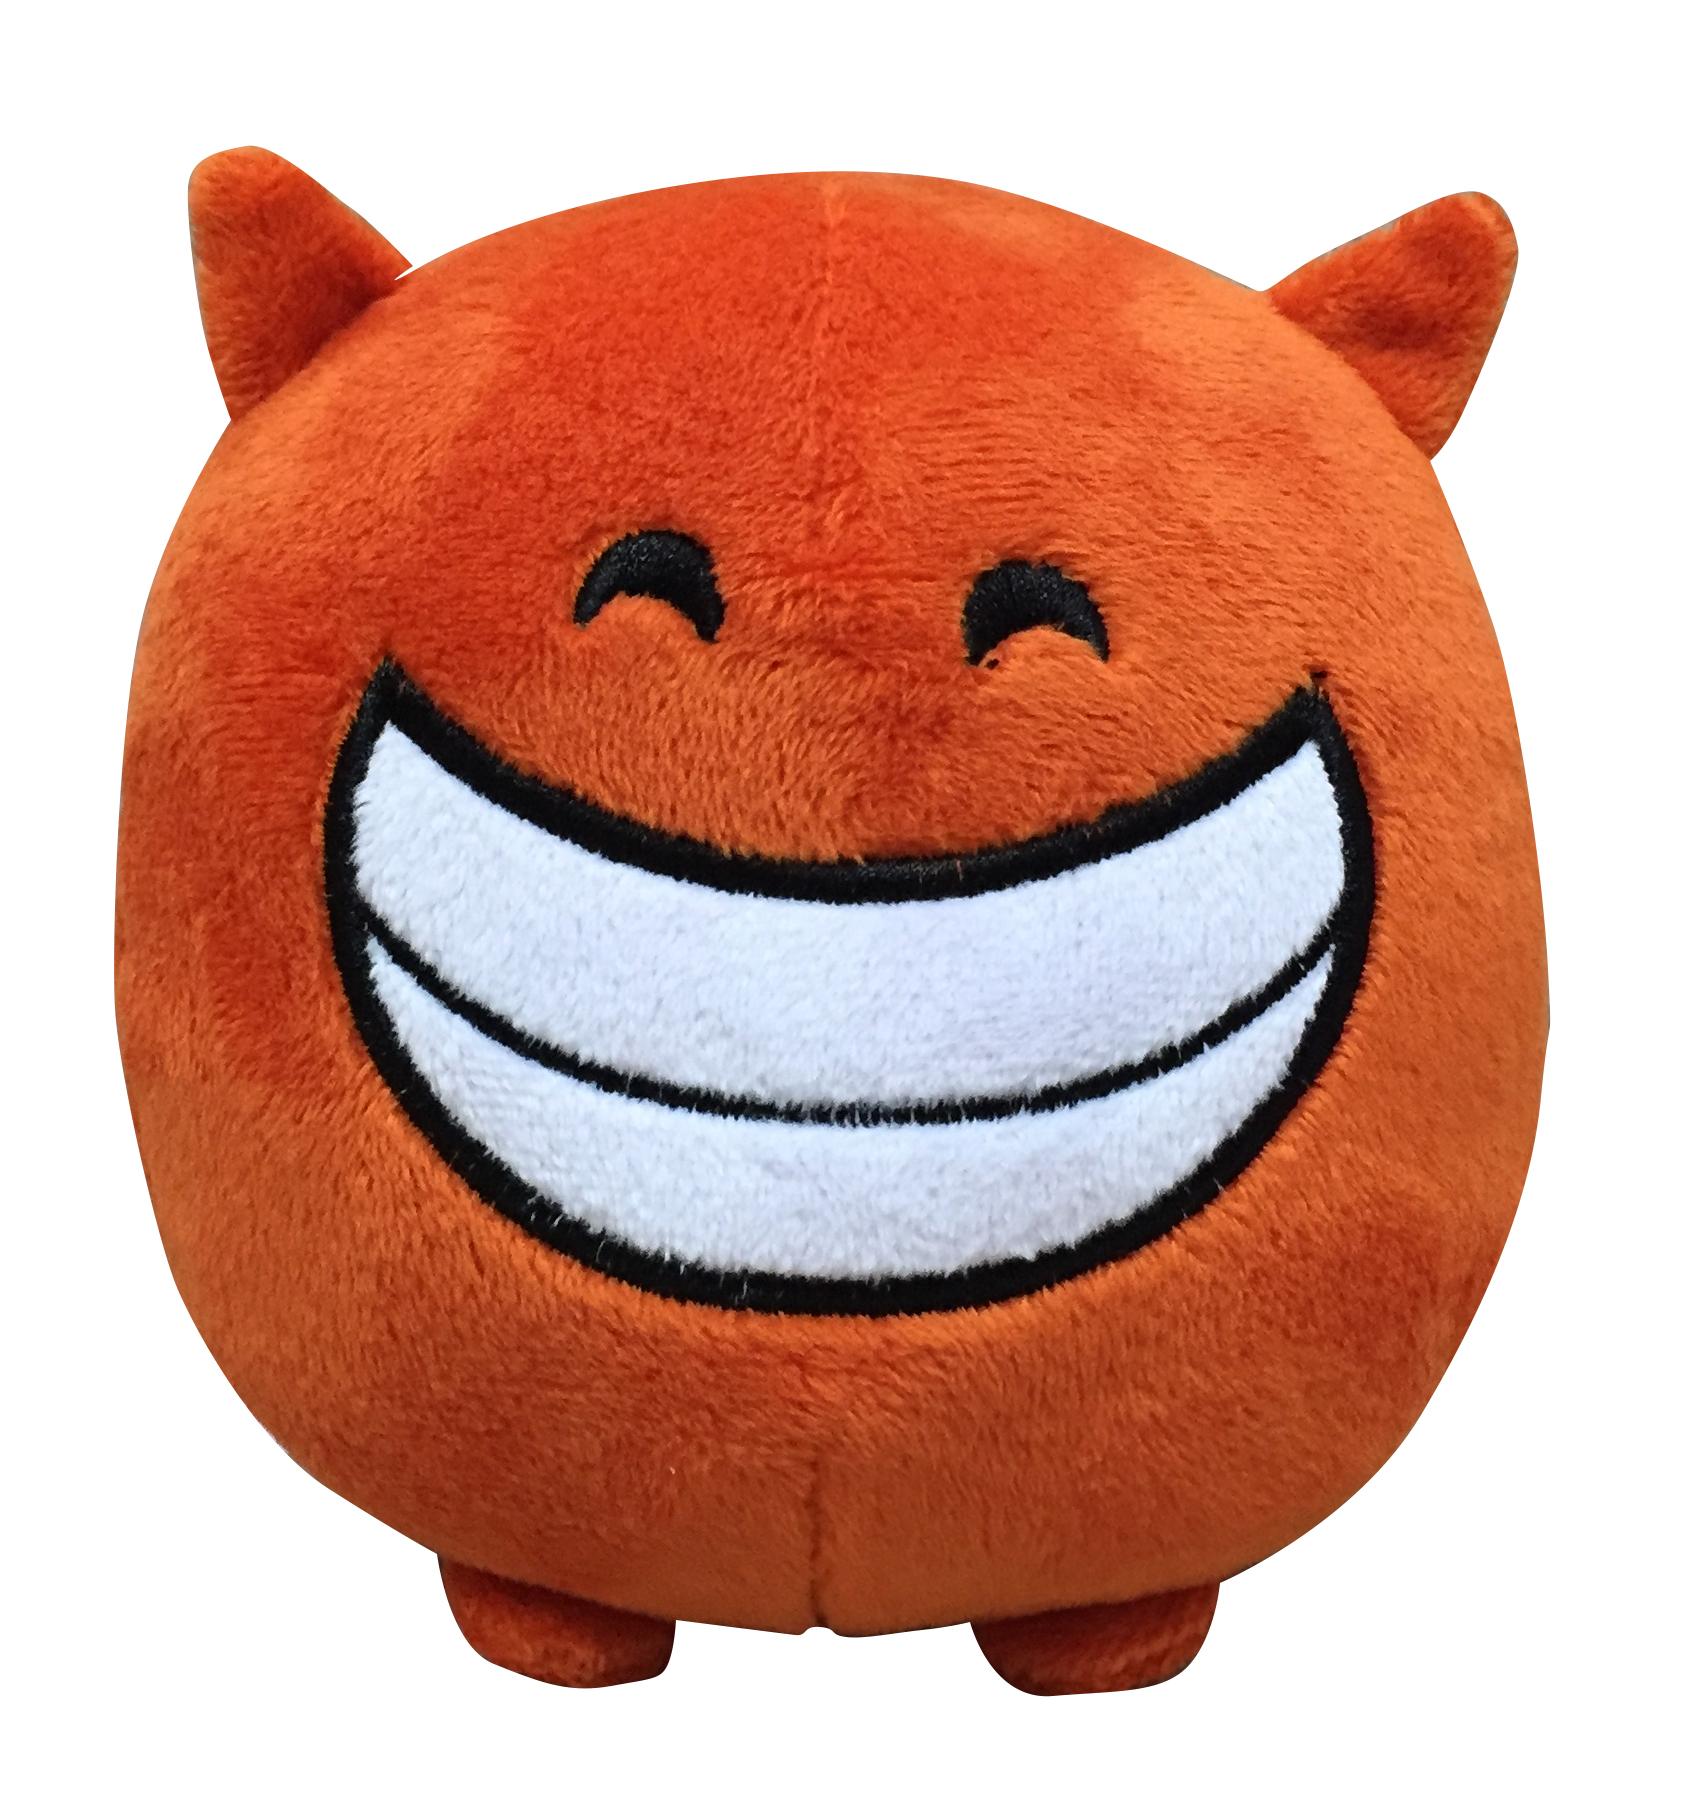 Мягкая игрушка Imoji. Добрый чертёнок (11 см)Представляем вашему вниманию мягкую игрушку Imoji. Добрый чертёнок в виде доброго чертёнка.<br>